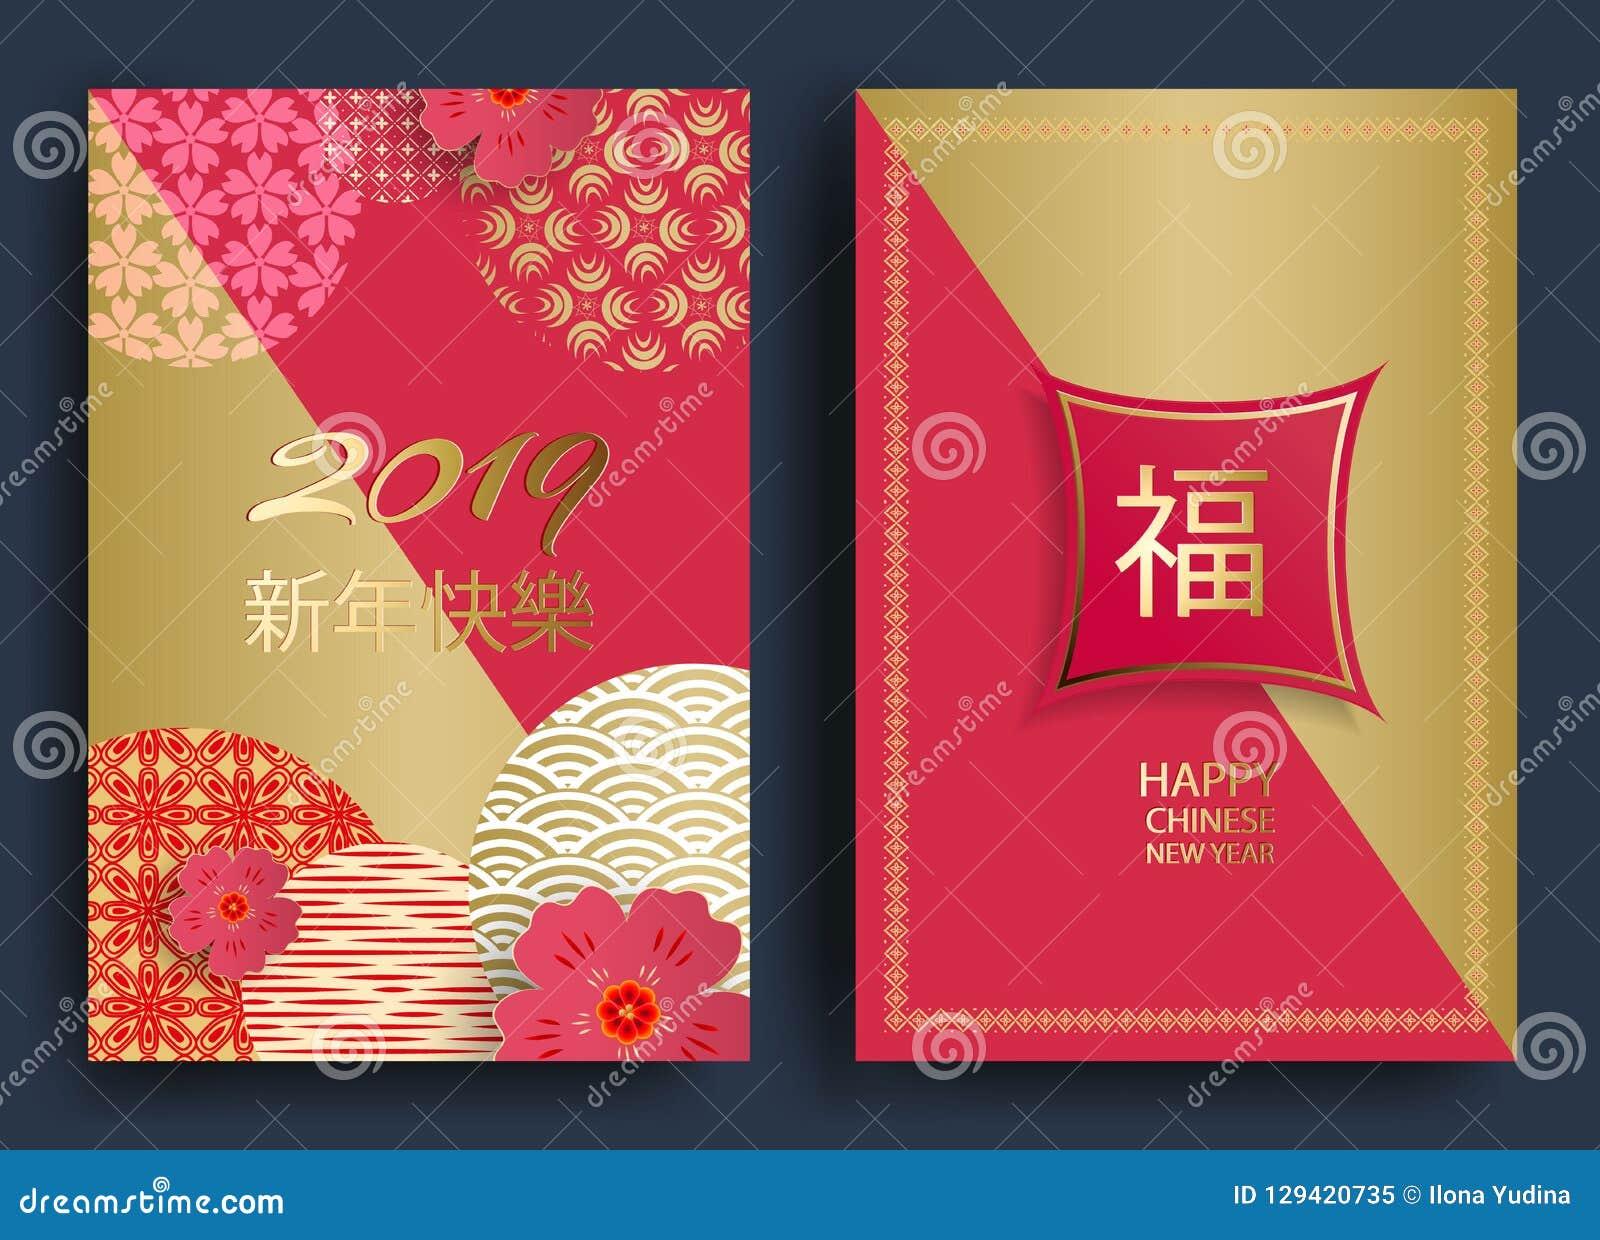 2019 καλή χρονιά Καθορισμένο οριζόντιο έμβλημα με 2019 κινεζικά στοιχεία του νέου έτους Κινεζικά σχέδια στο σύγχρονο ύφος